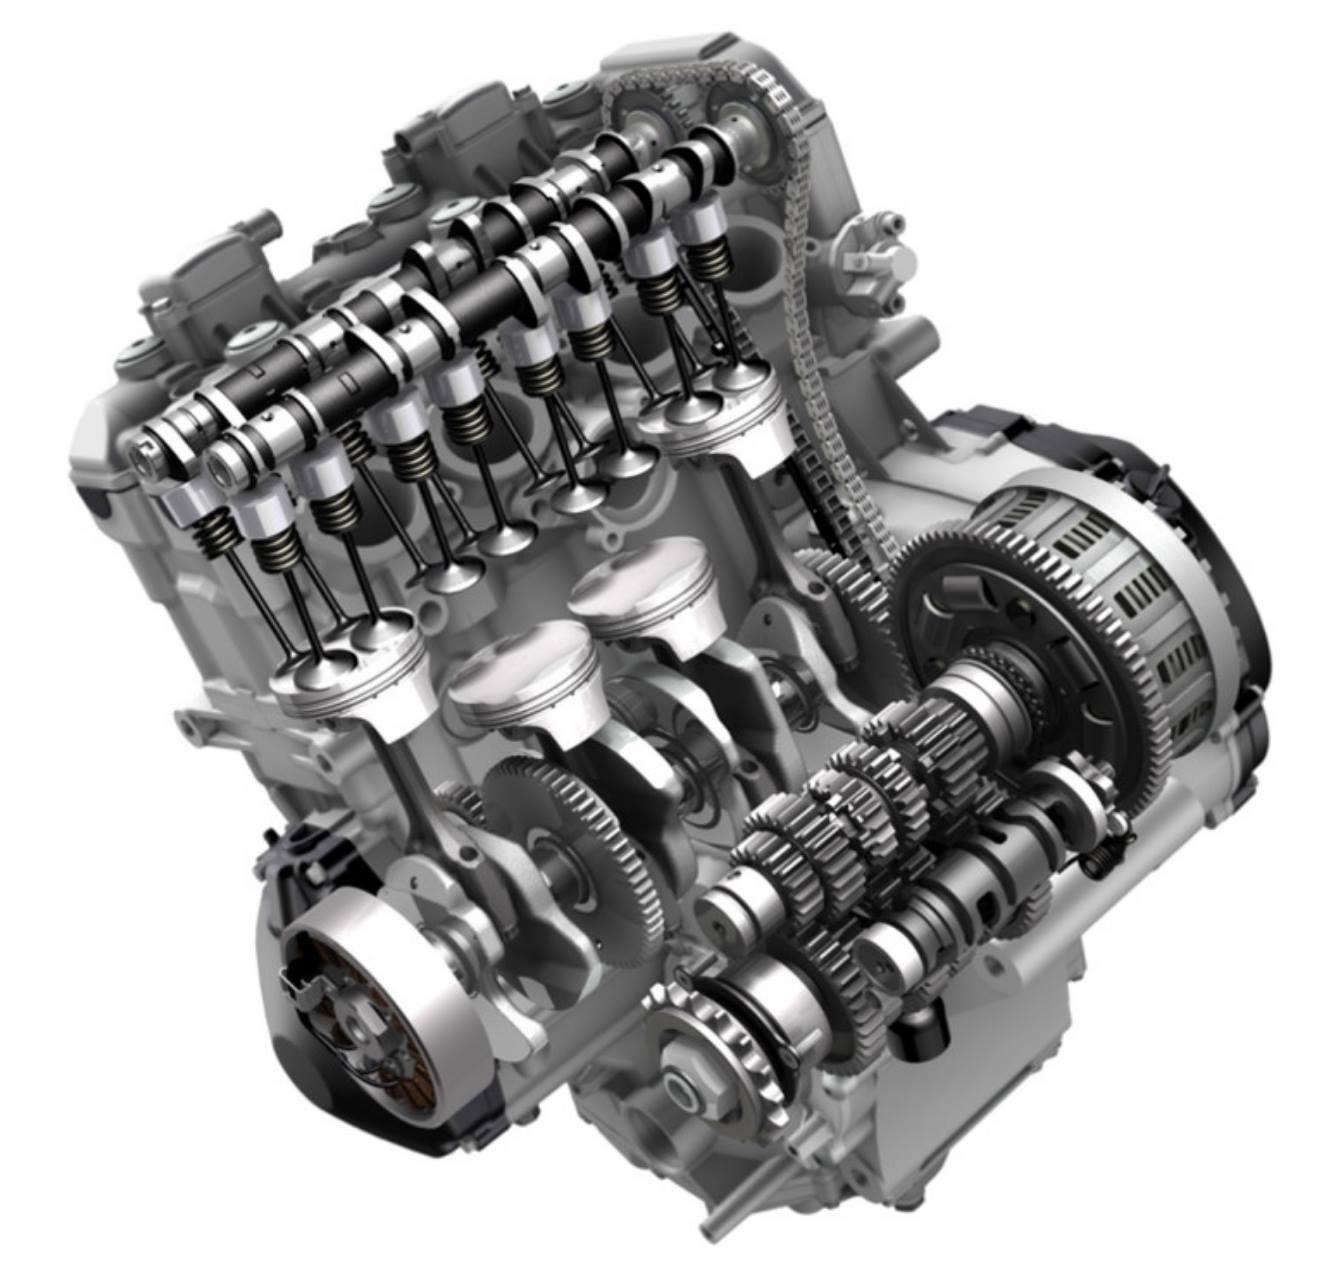 Engine Suzuki GSXR